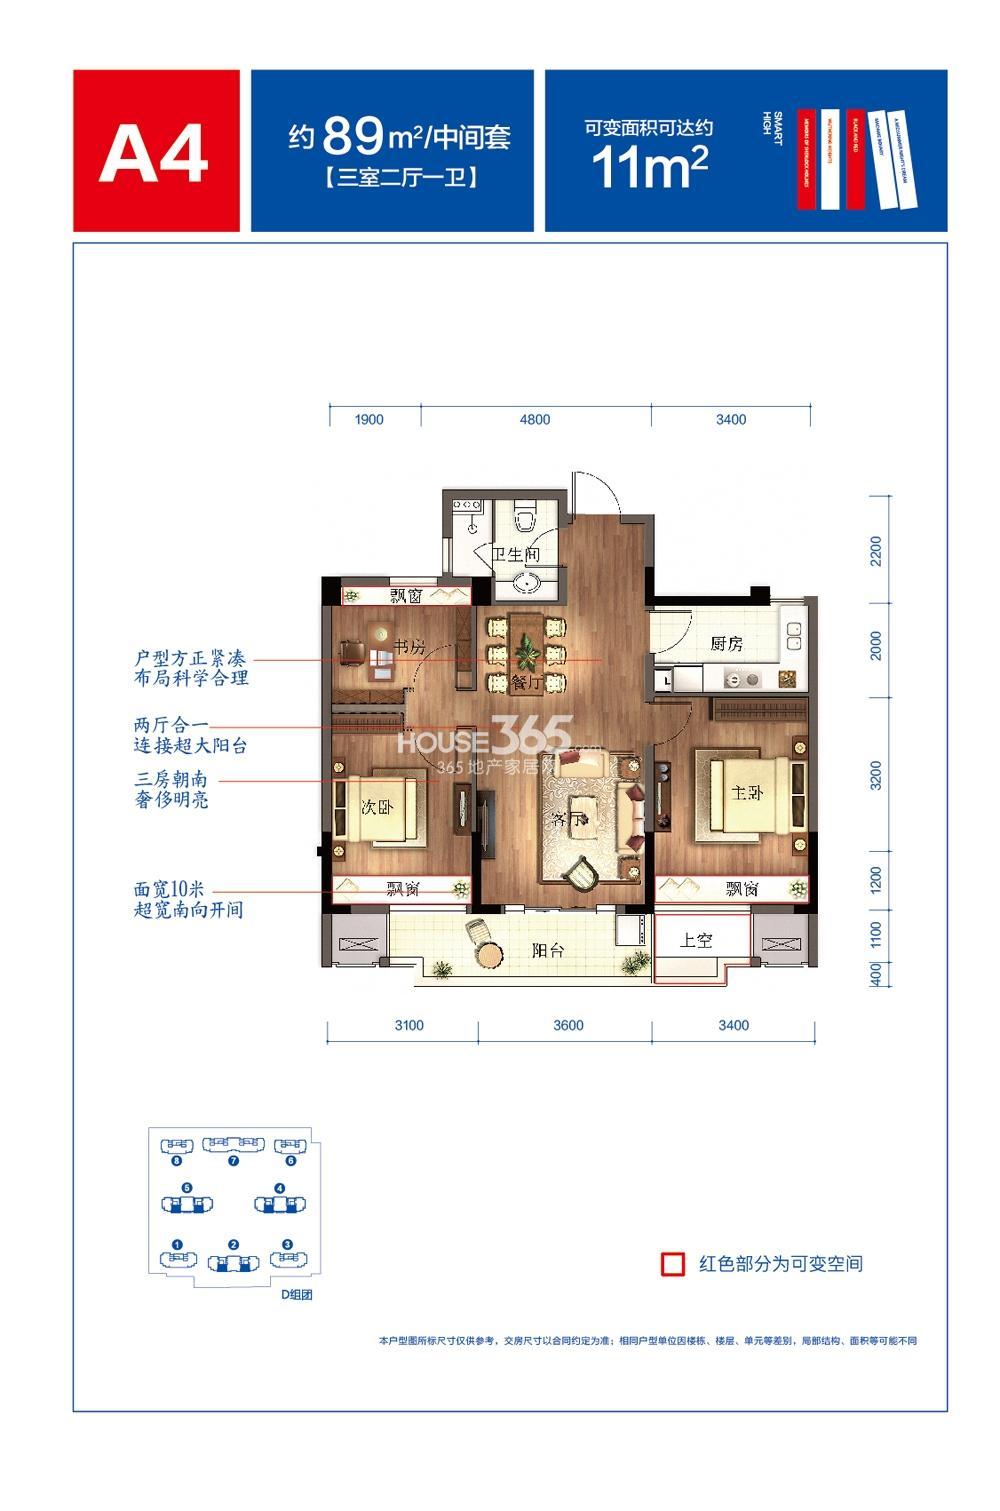 西溪海D组团2、4、5号楼A4户型约89方中间套户型图